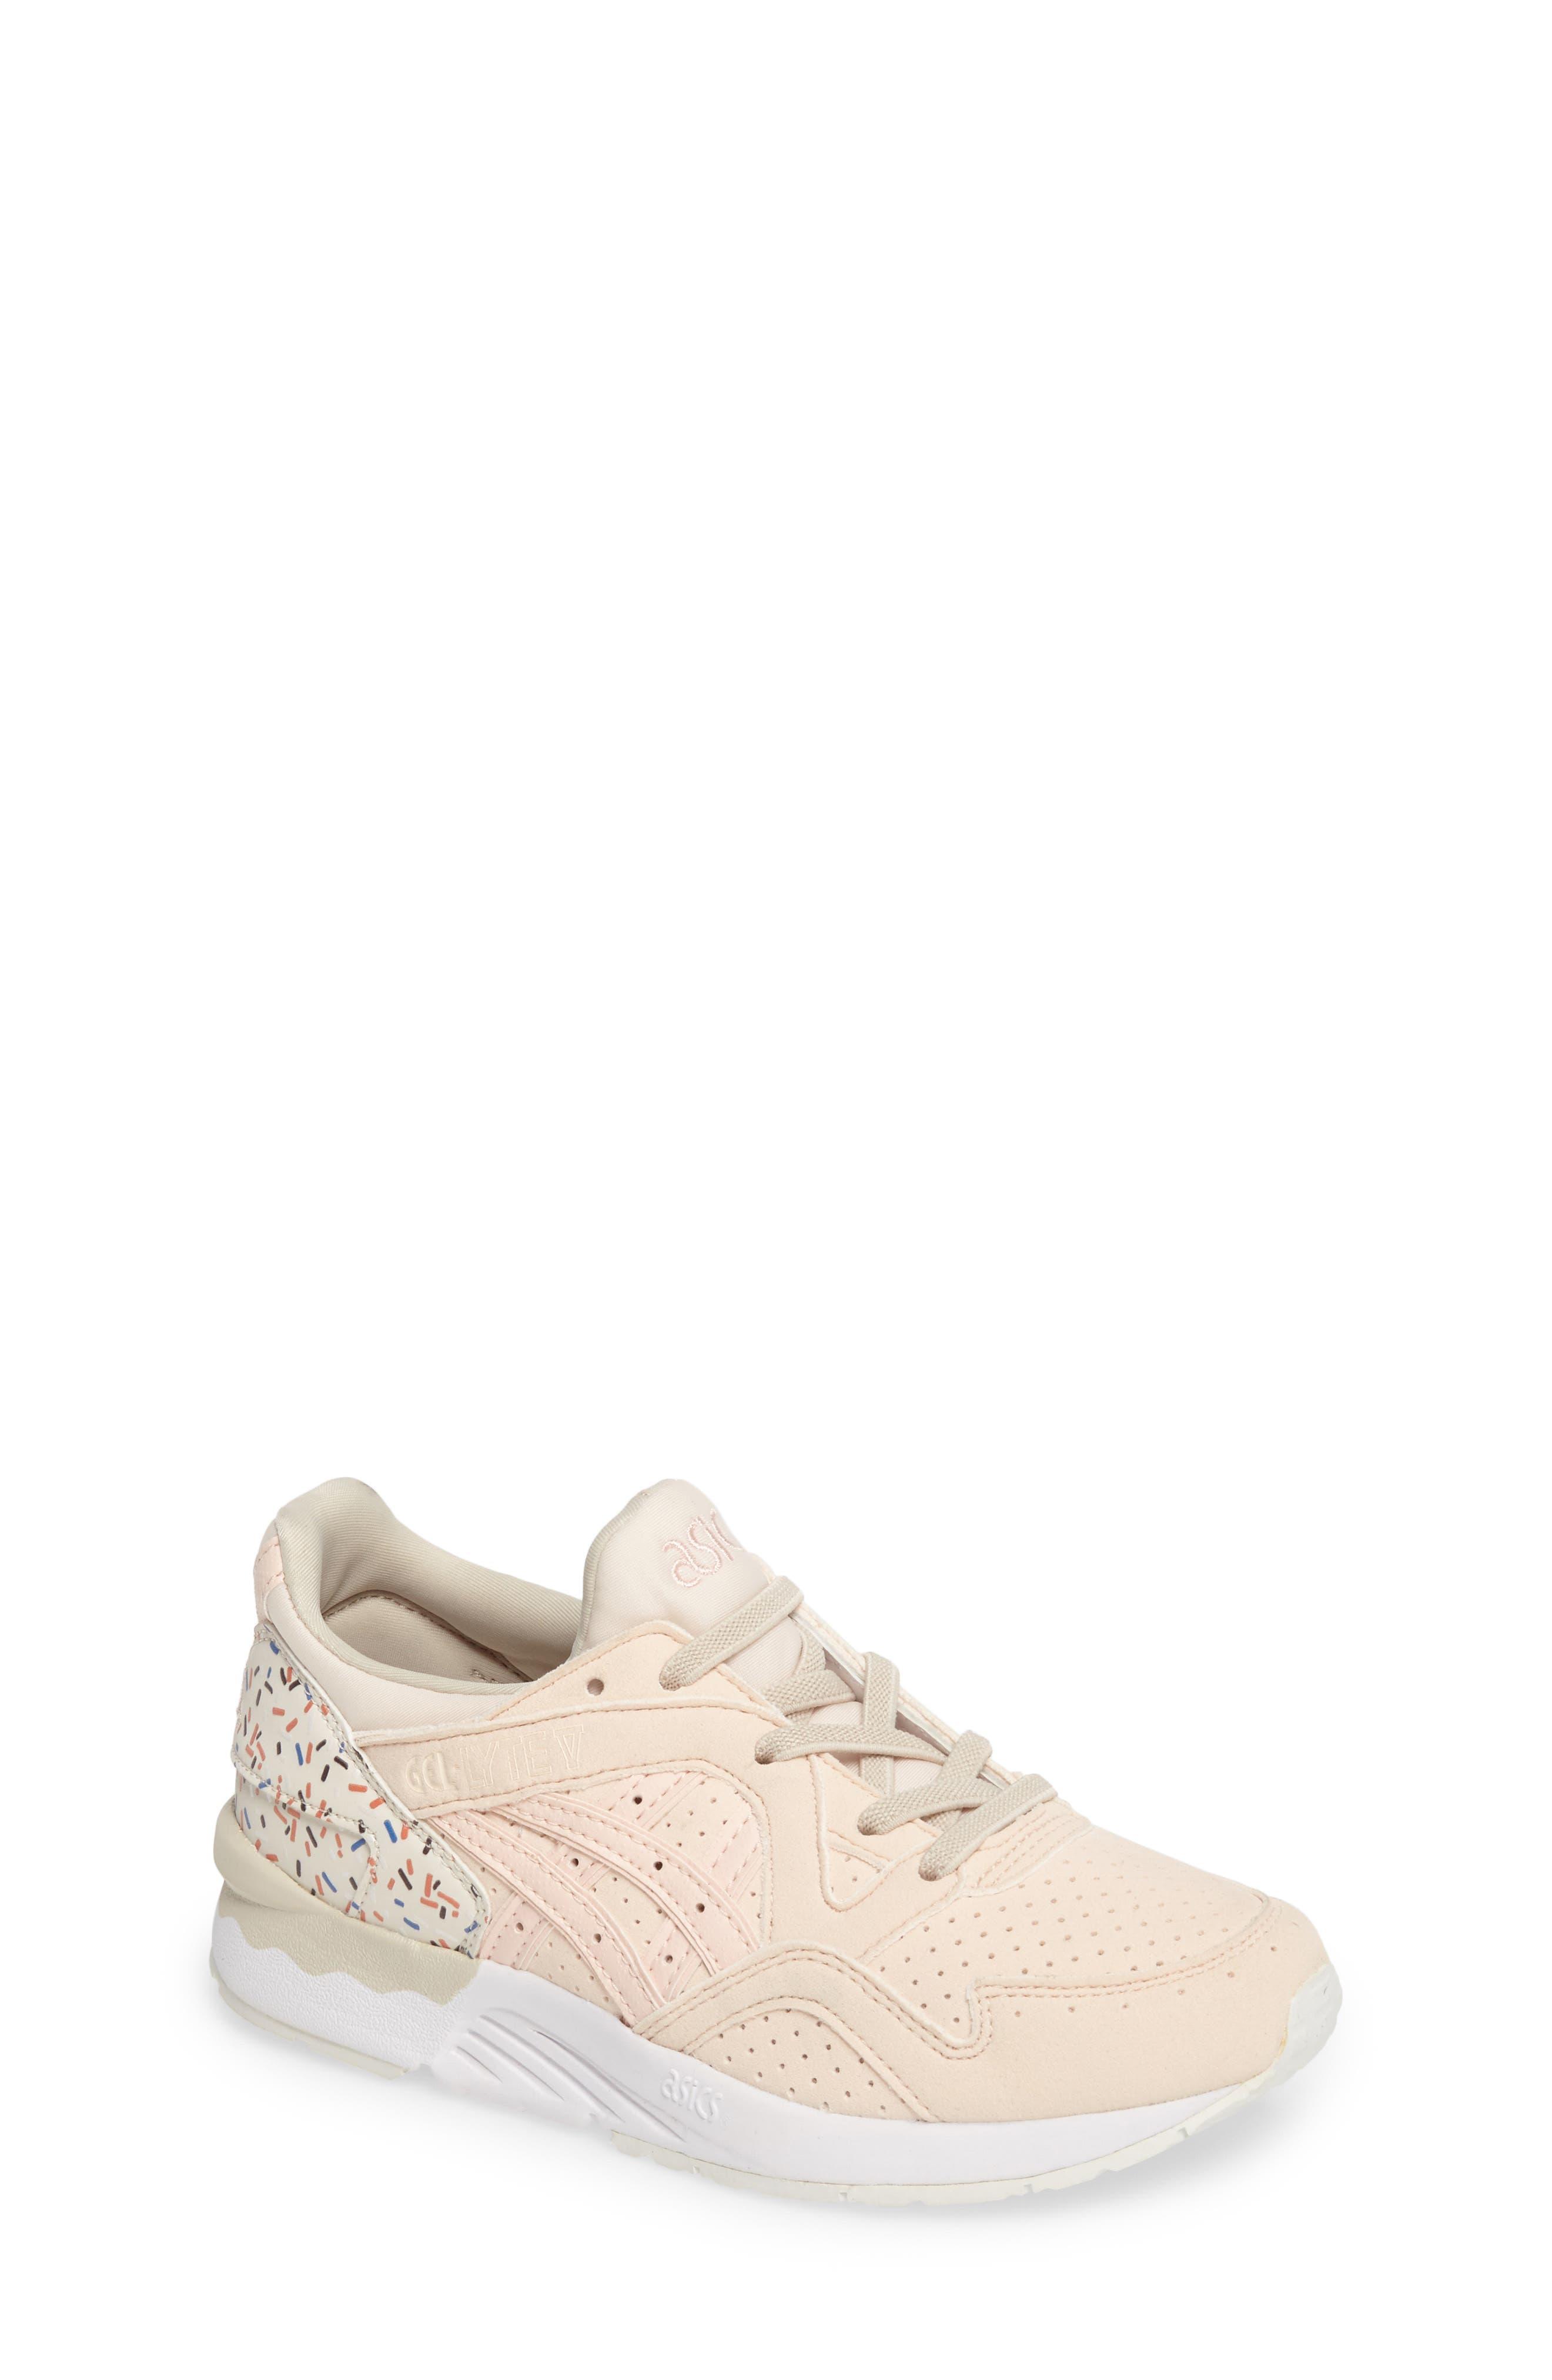 Main Image - ASICS® GEL-Lyte V Sneaker (Toddler & Little Kid)